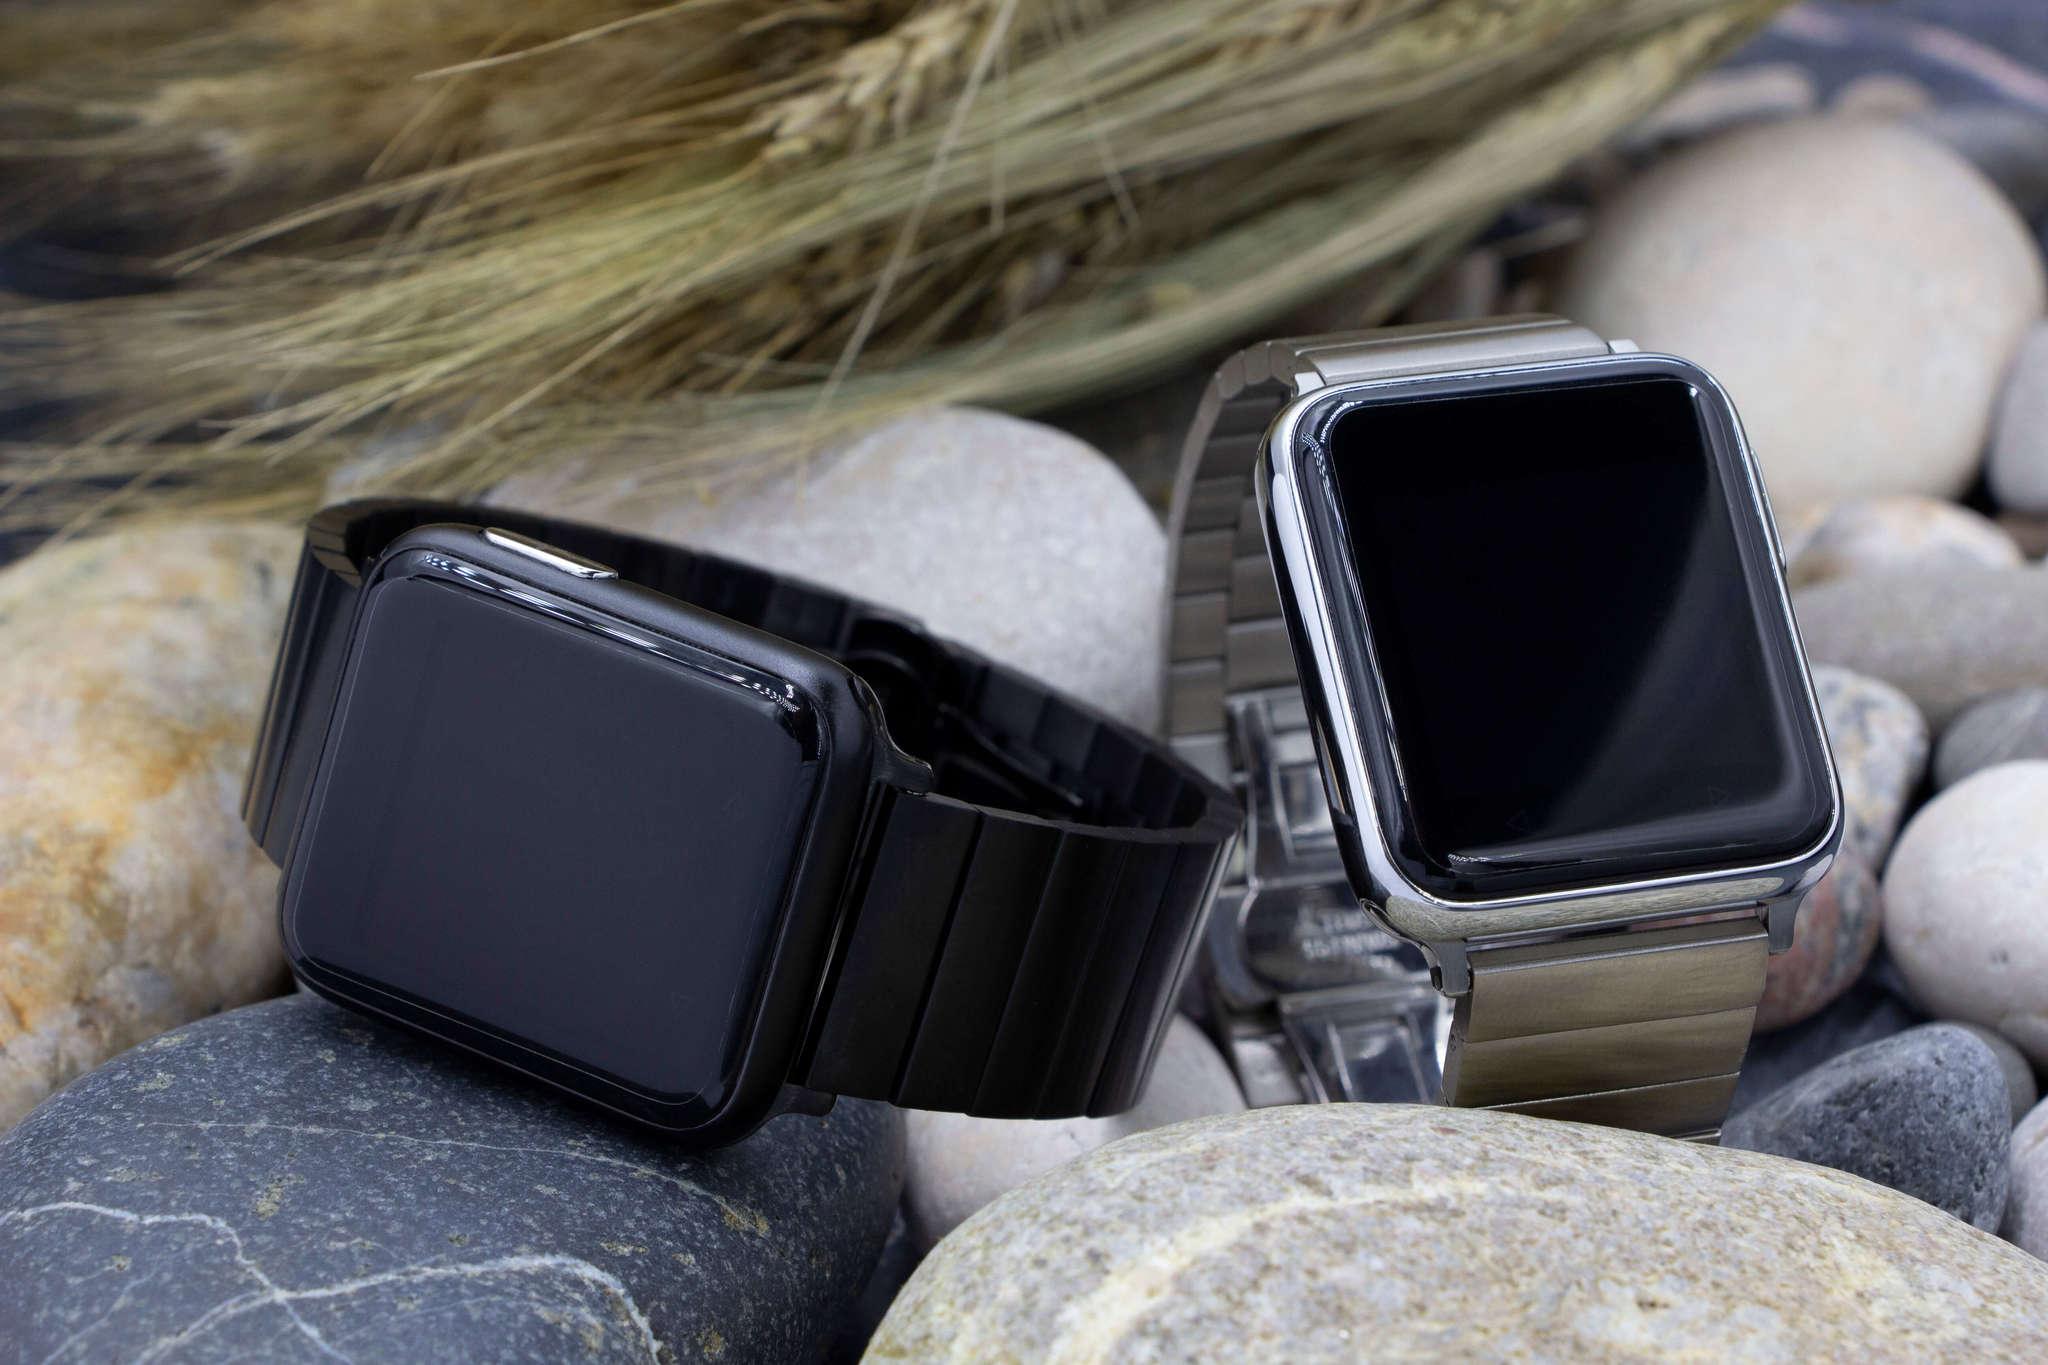 Профессиональные кардио-часы с автоматическим измерением давления, температуры, пульса, кислорода, сервисом расшифровки ЭКГ, контролем аномального пульса и кардиомонитором Health Watch Pro №5 (чёрные Premium Strap)